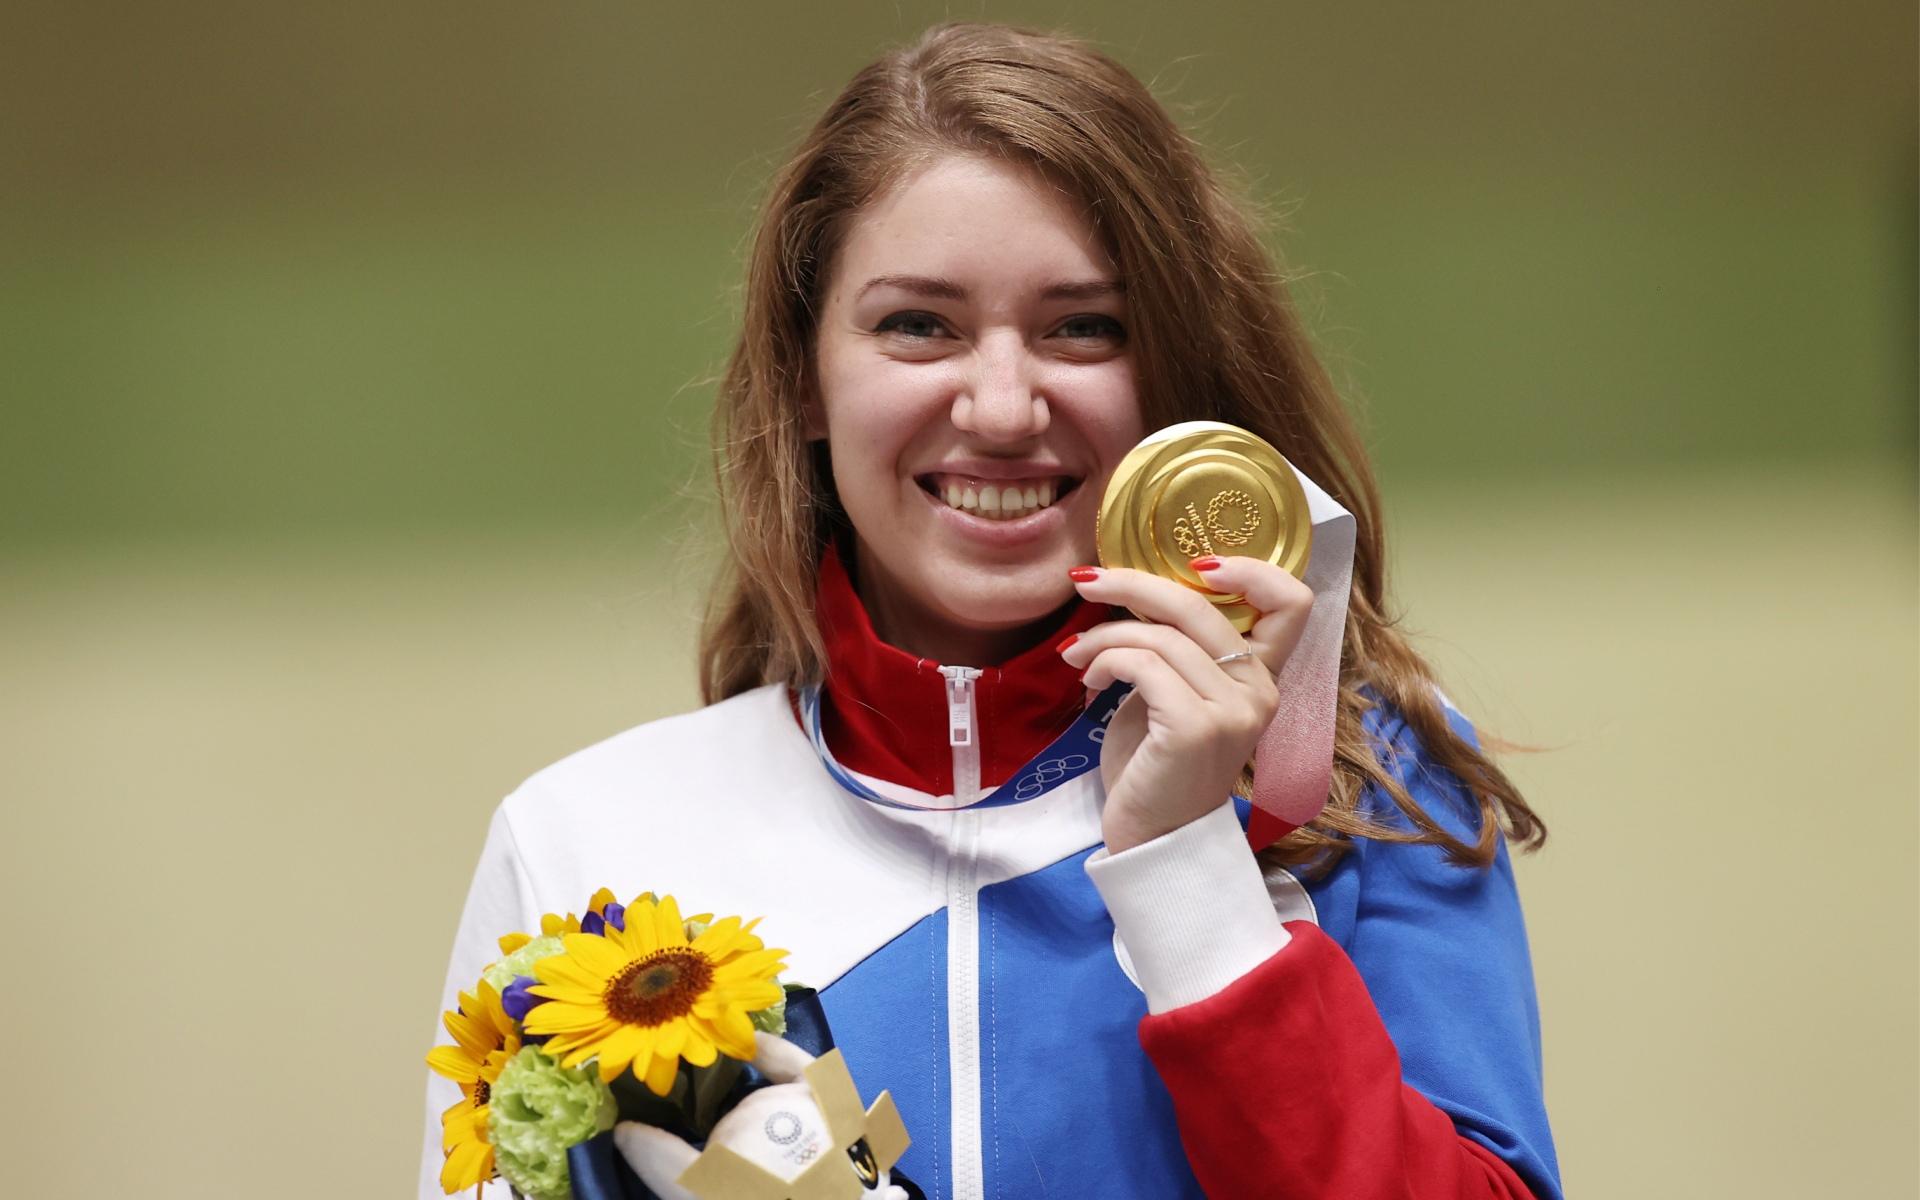 Олимпийская чемпионка Виталина Бацарашкина, завоевавшая сразу два золота самостоятельно и одно серебро в миксте с Артёмом Черноусовым, дала интервью CQ, в котором было много вопросов на игровую тематику